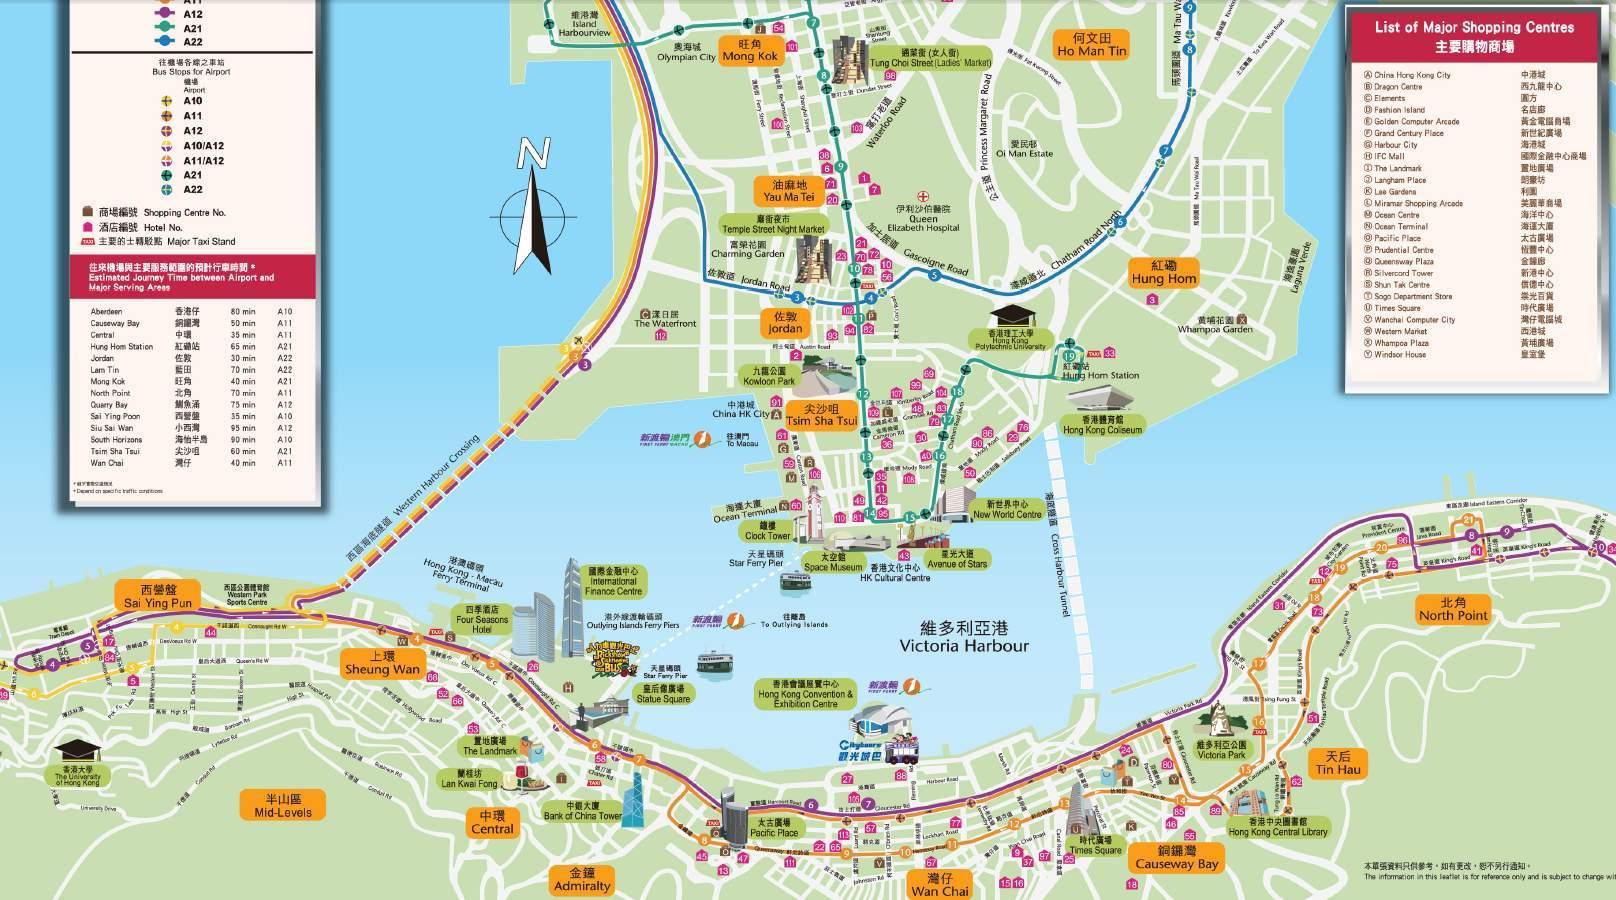 Carte des sites touristiques à Hong Kong à Victoria Harbour